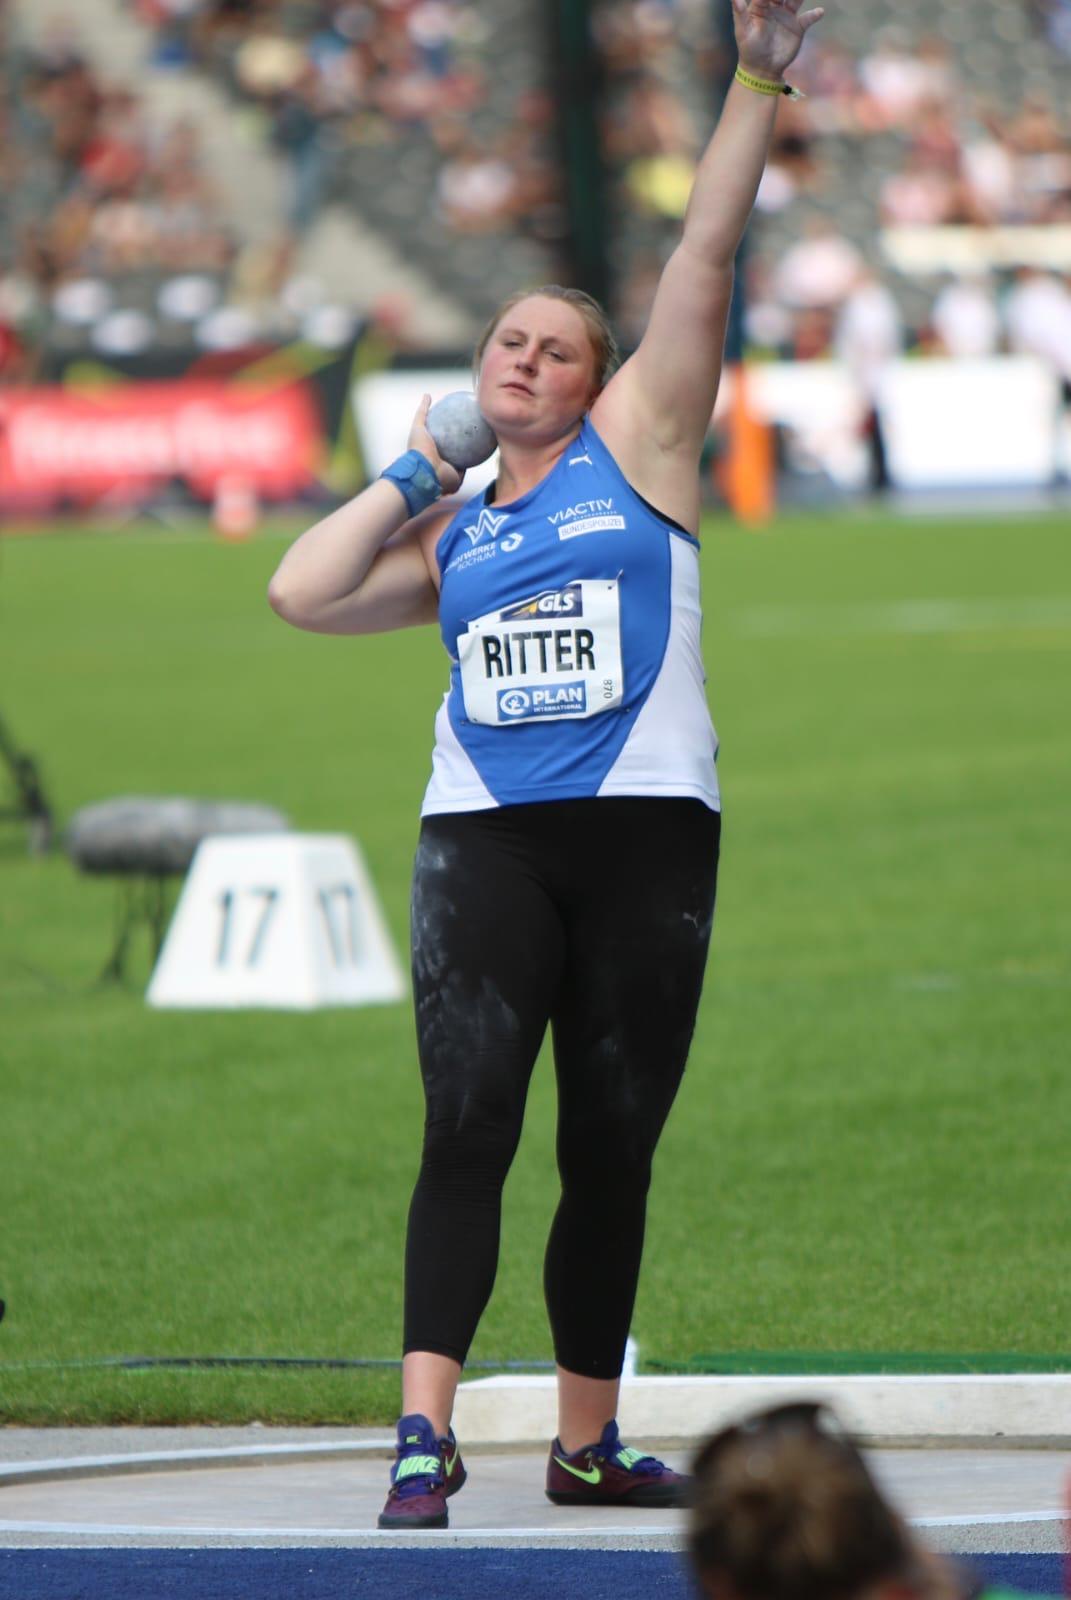 Julia Ritter -  trainiert für Olympia 2024